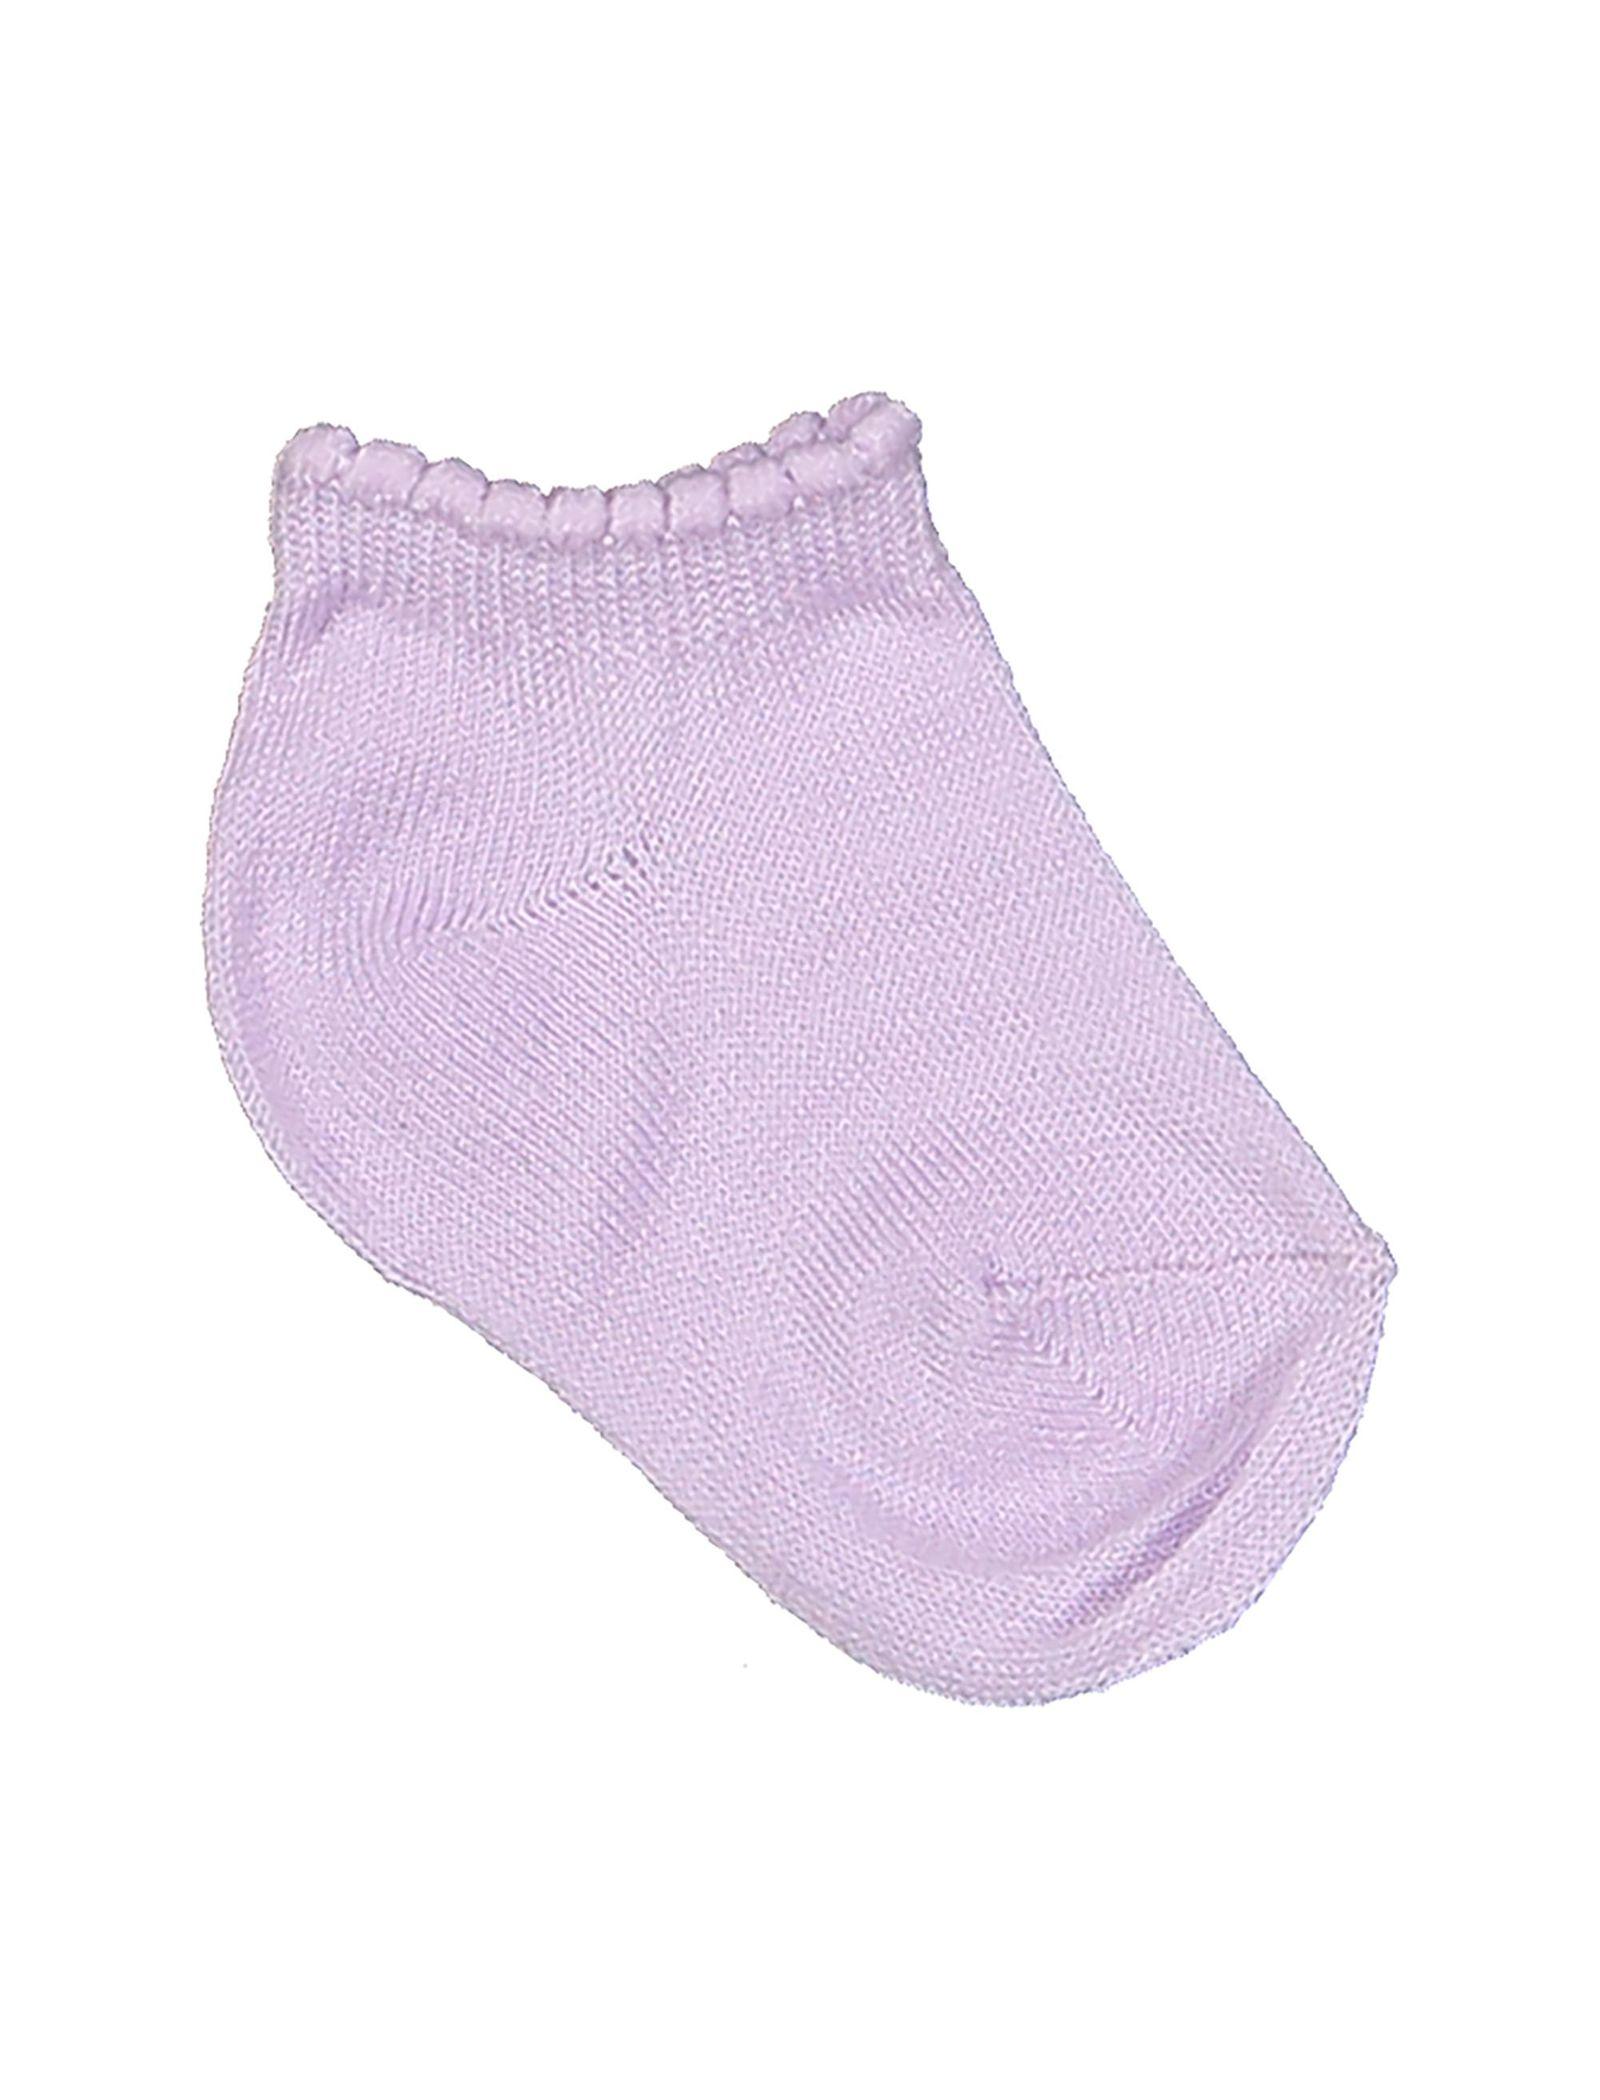 جوراب نخی نوزادی دخترانه بسته 3 عددی - بلوکیدز - بنفش و سفيد - 4